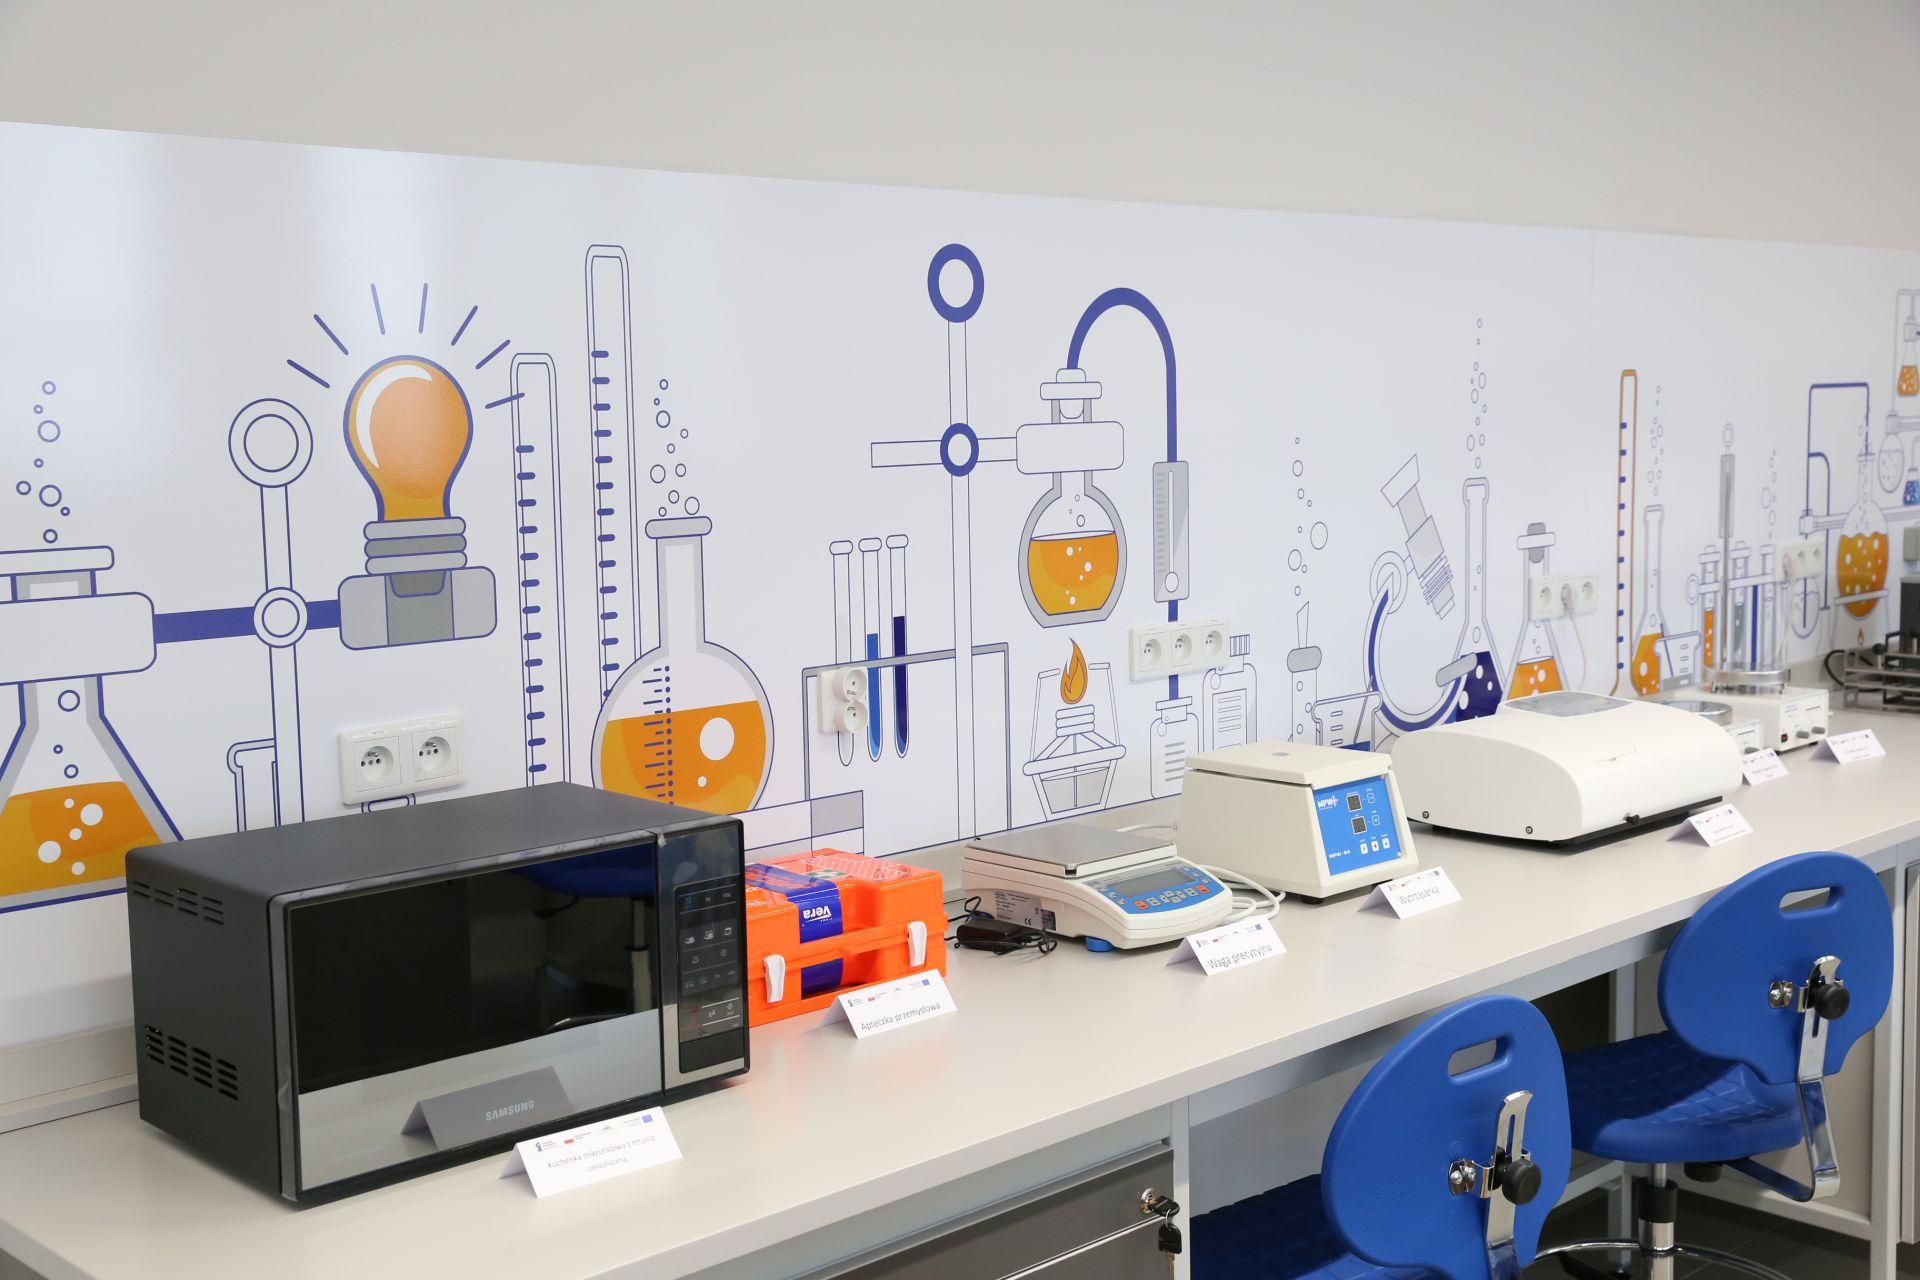 Aparatura w Centrum Symulacji Medycznej dla Pielęgniarek